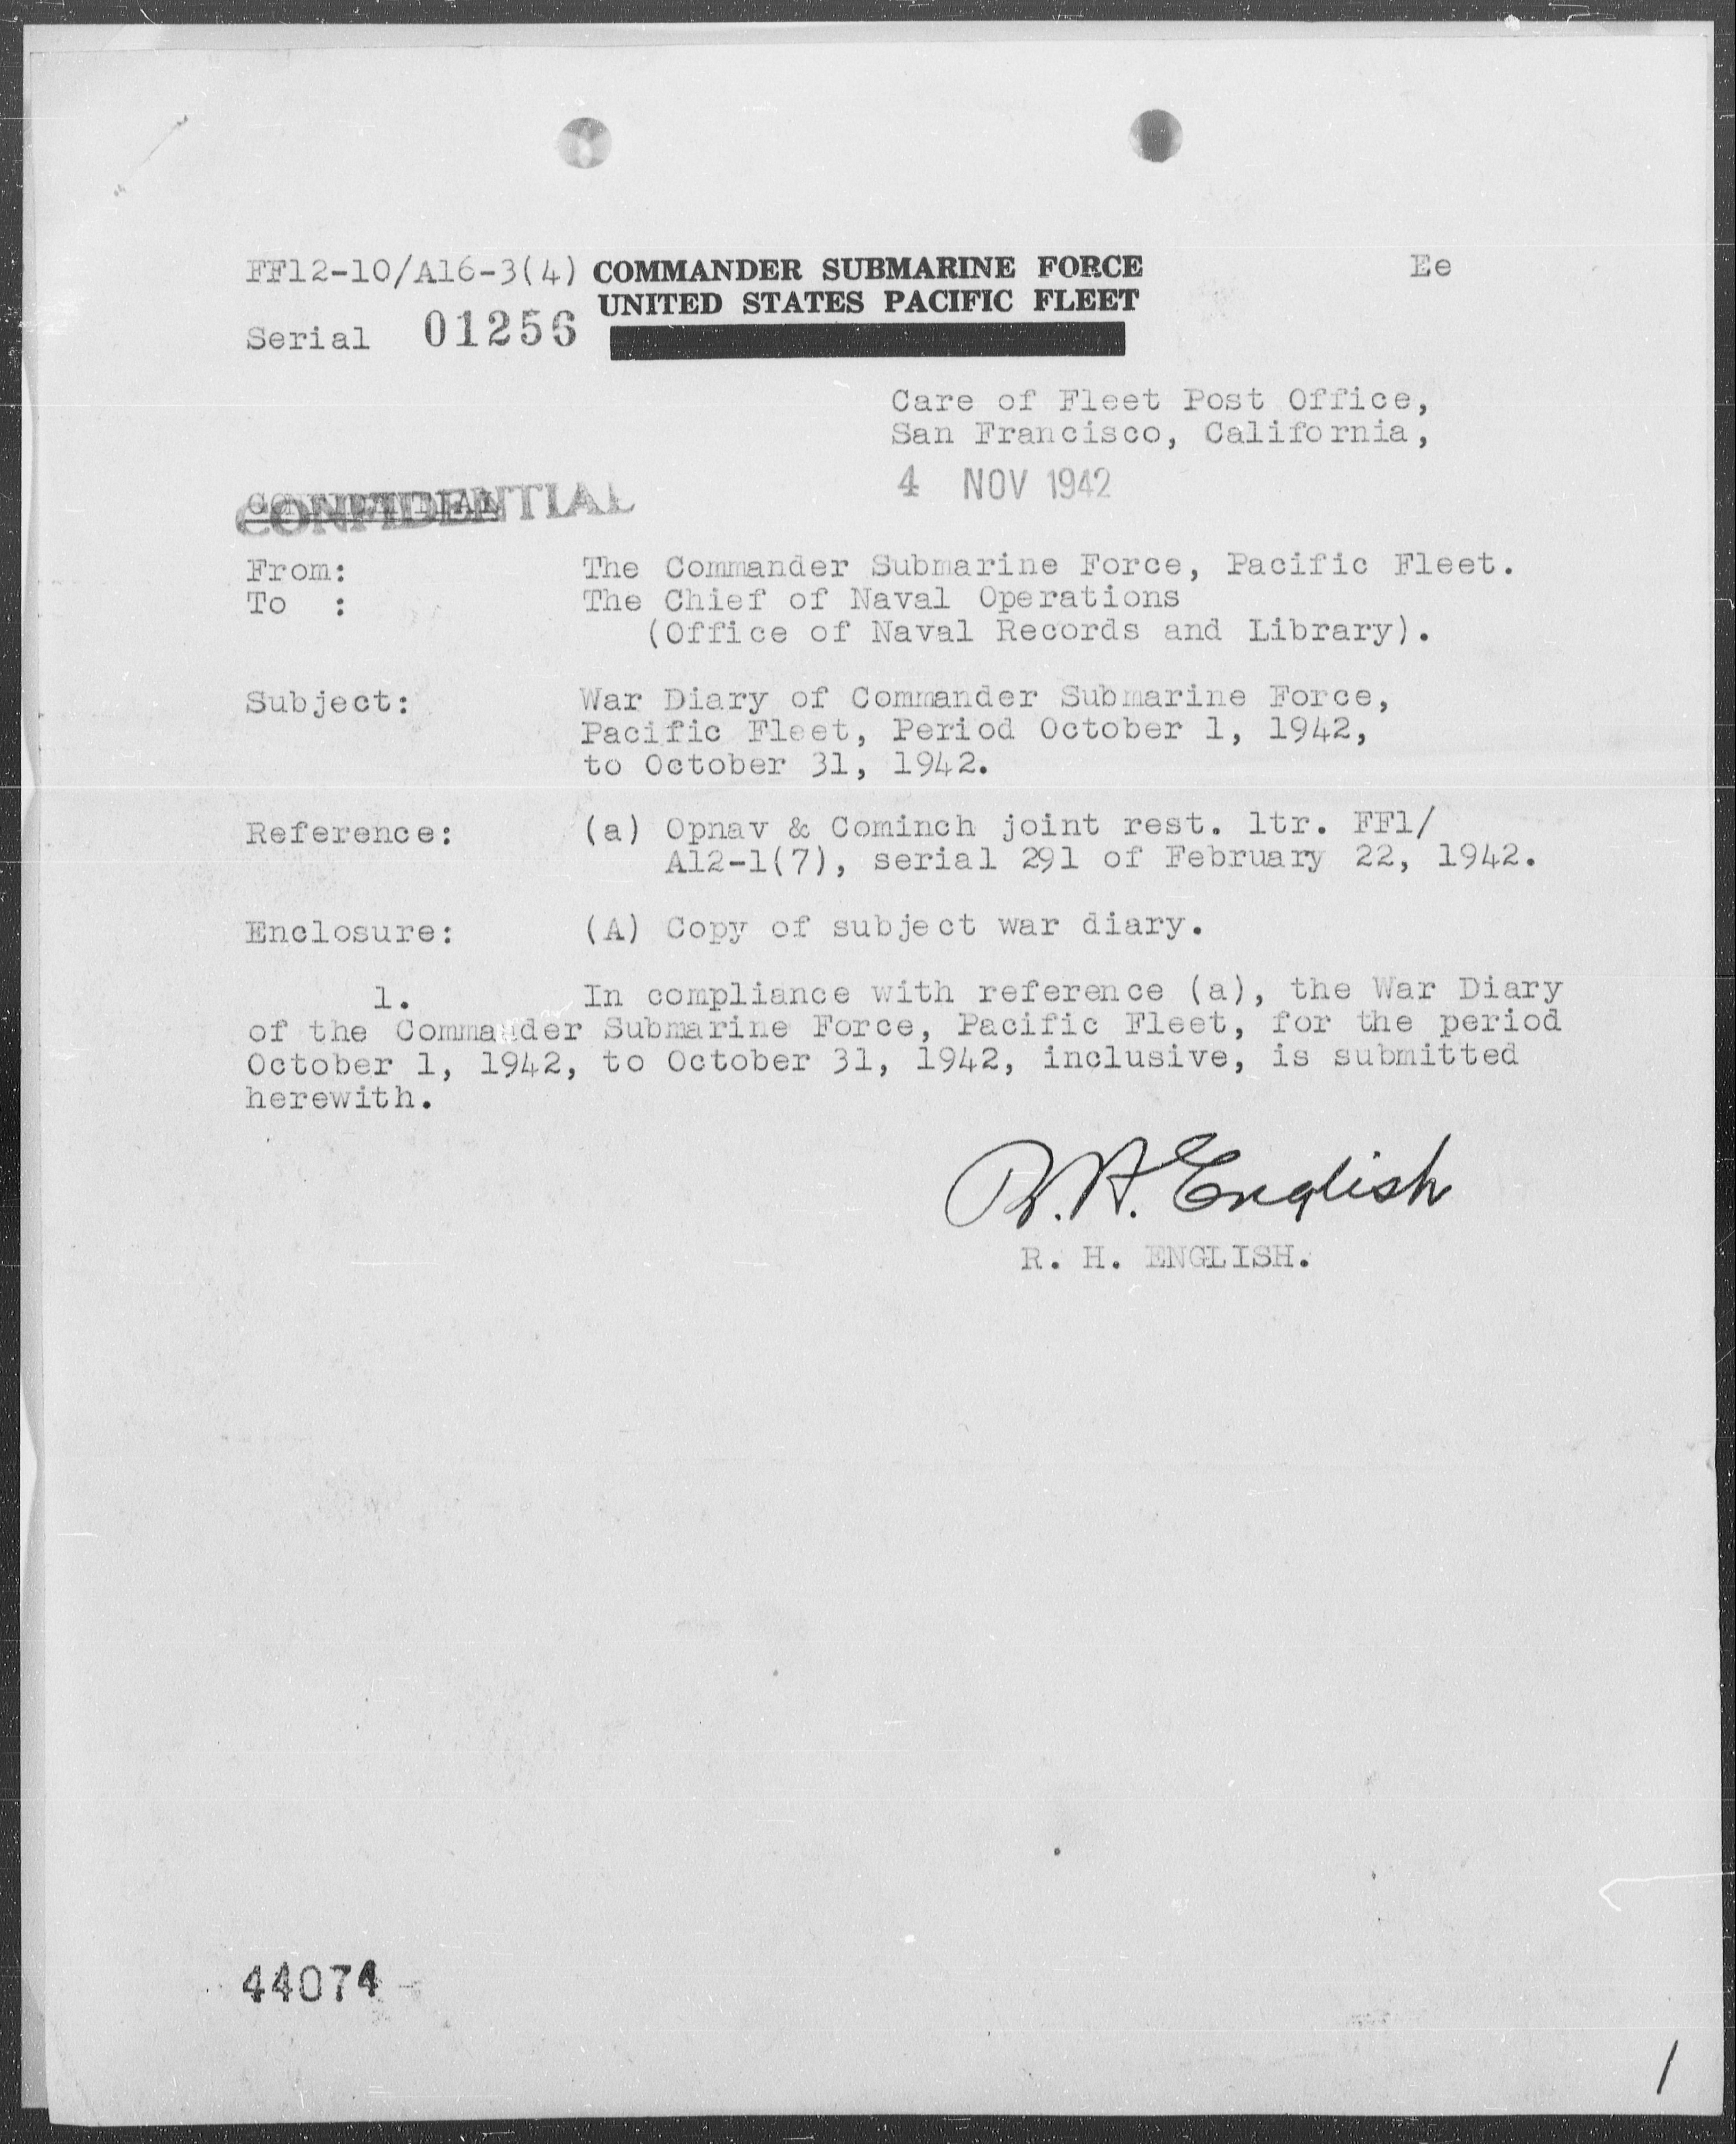 COMSUBPAC - War Diary, 10/1-31/42 (Enc A)